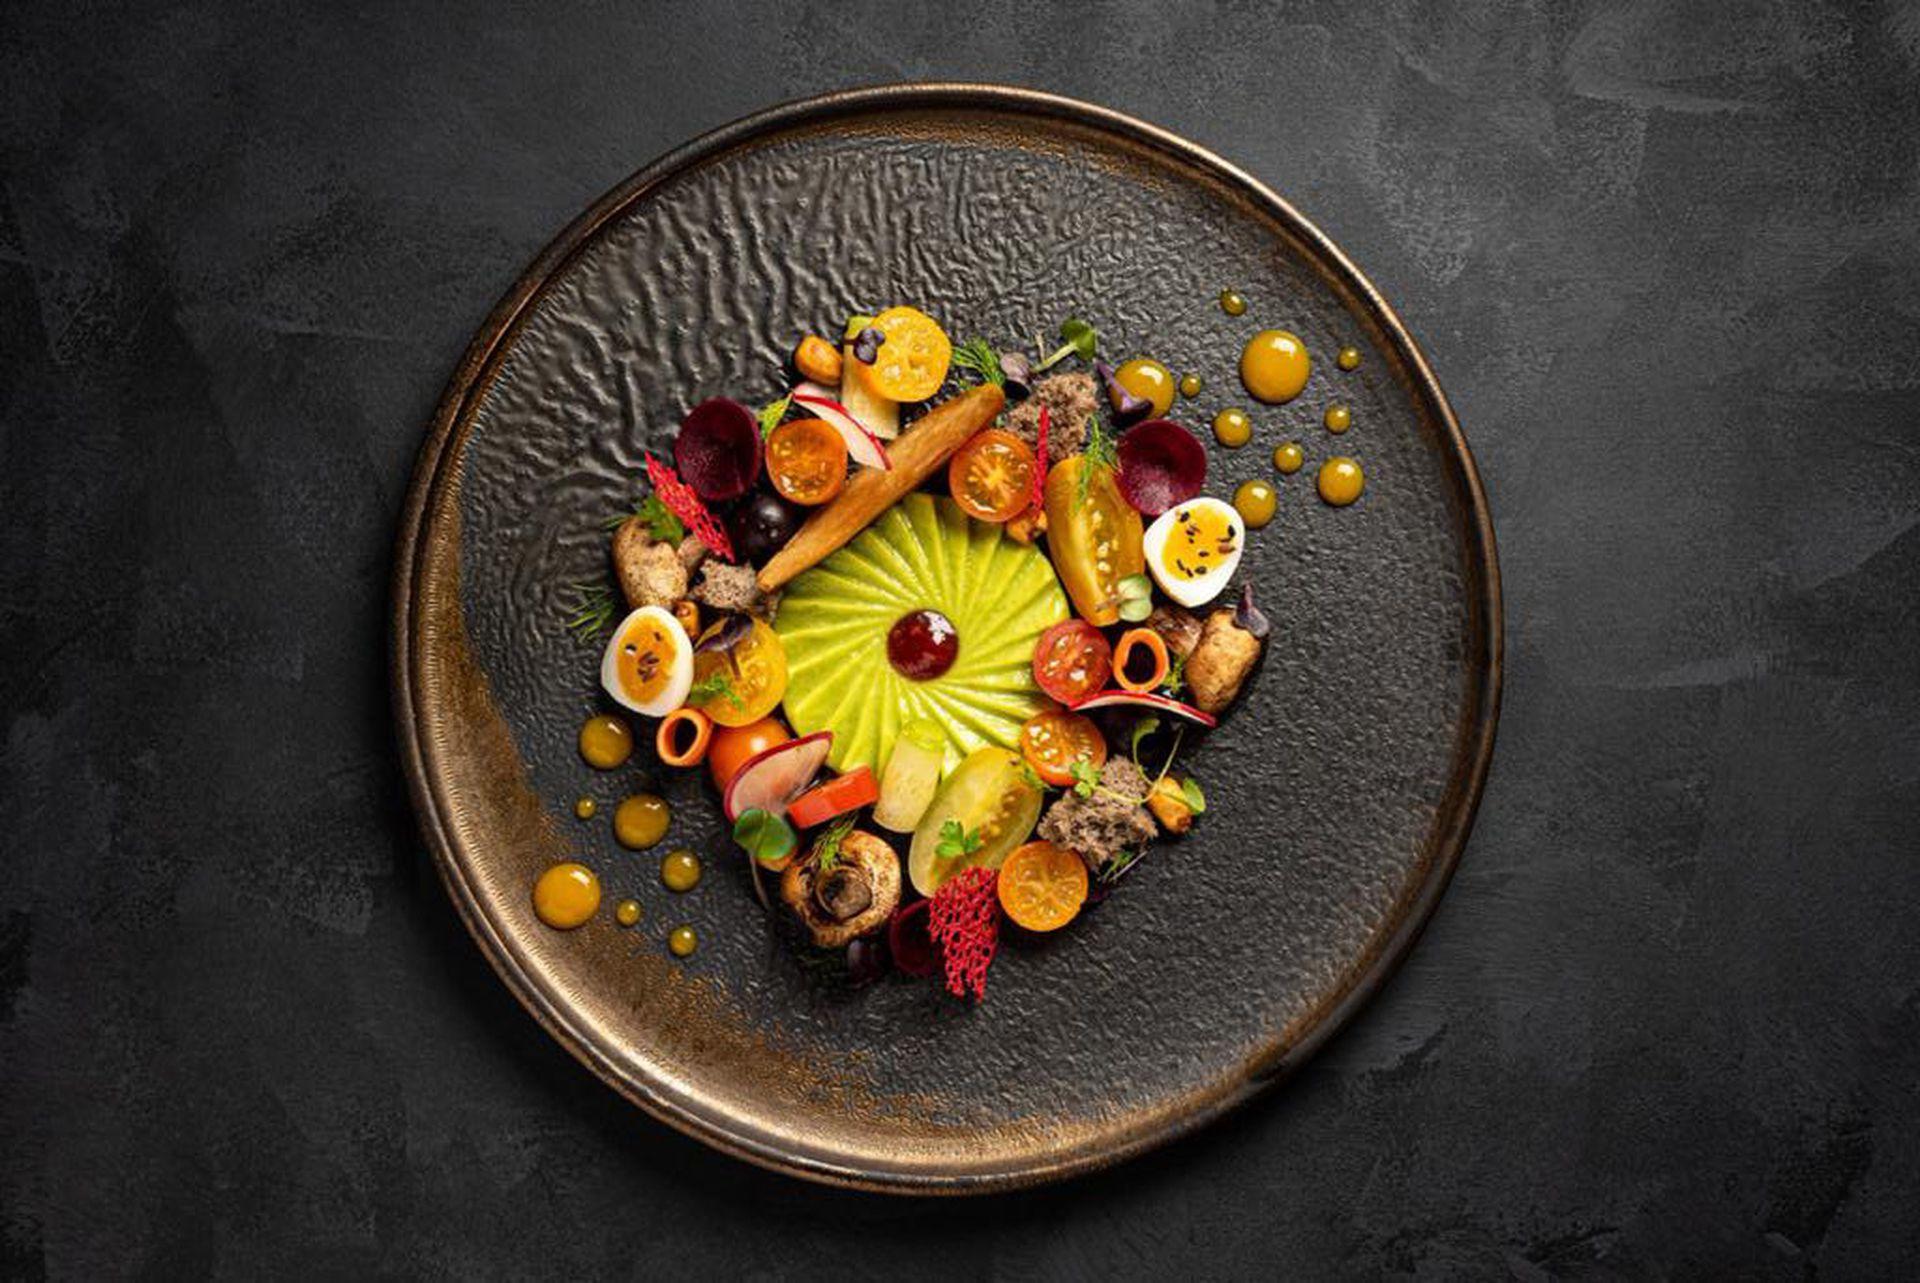 Espiral de palta con mermelada de tomates asados, huevos de codorniz, peras asadas, tomates de la huerta, vegetales encurtidos, maíz y boniato crujiente.